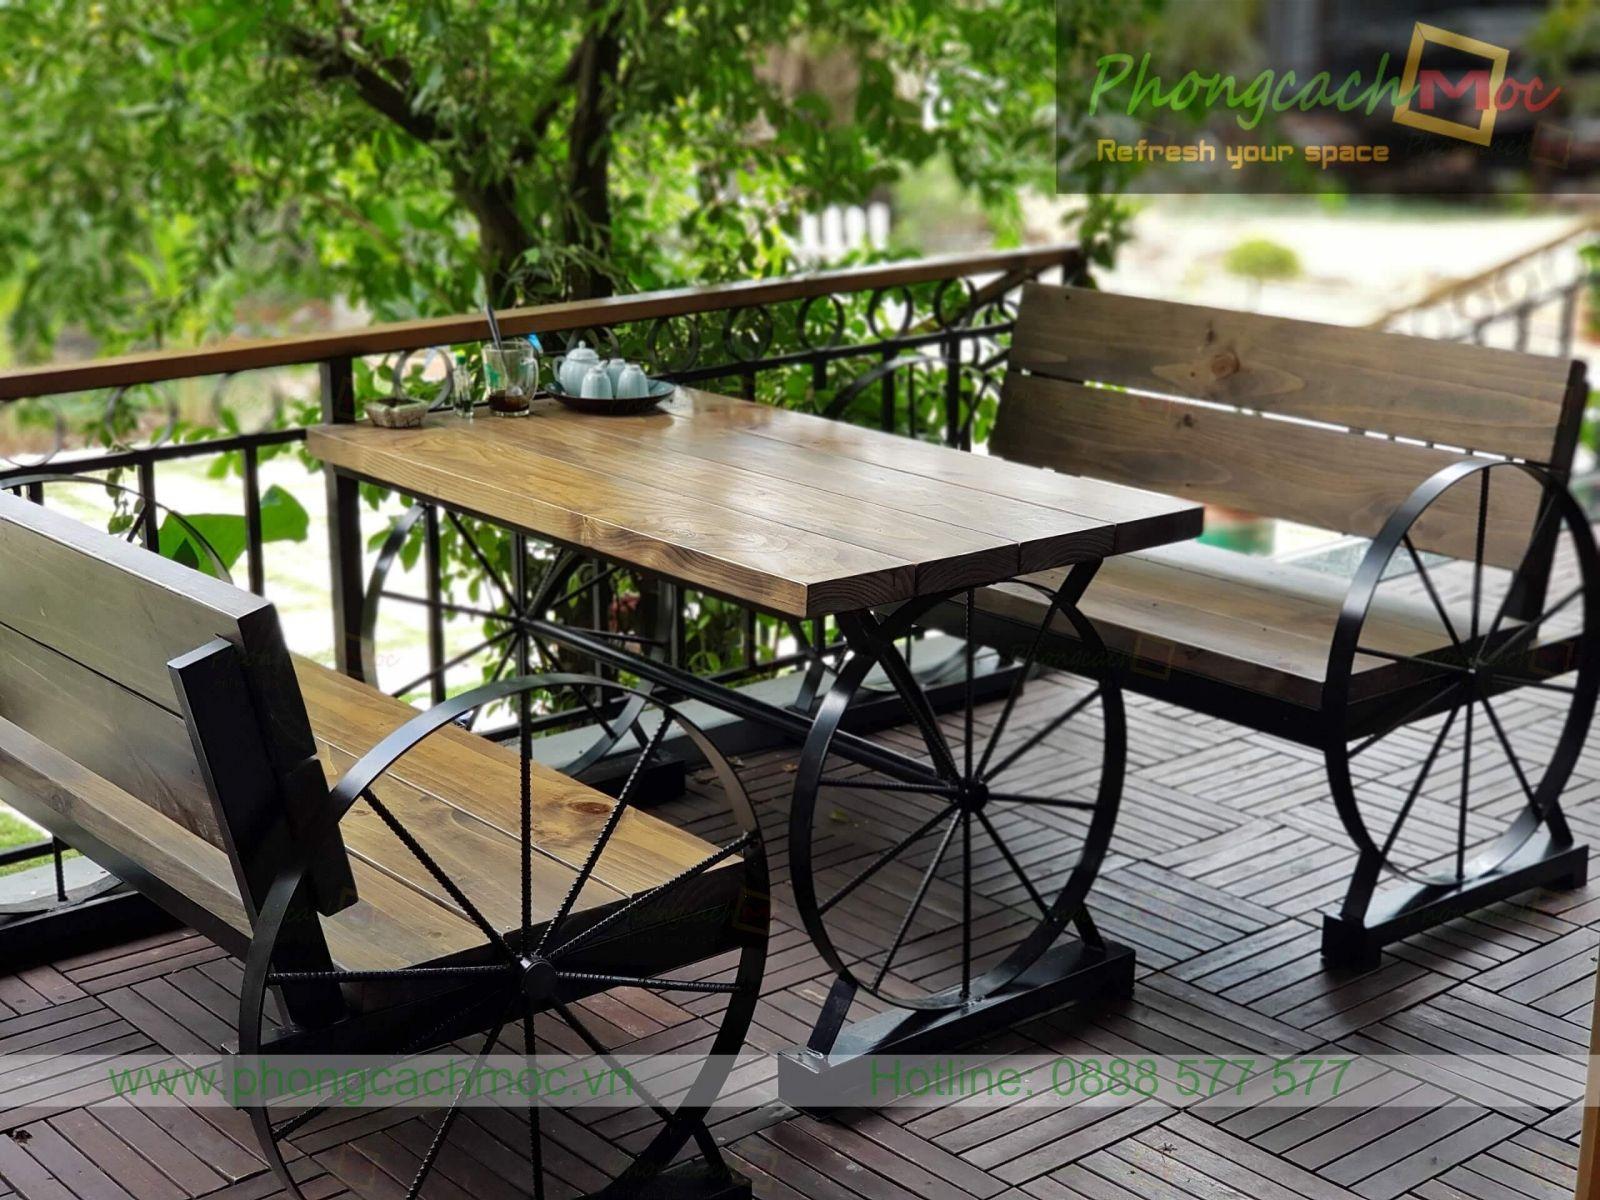 bộ bàn ghế mc364